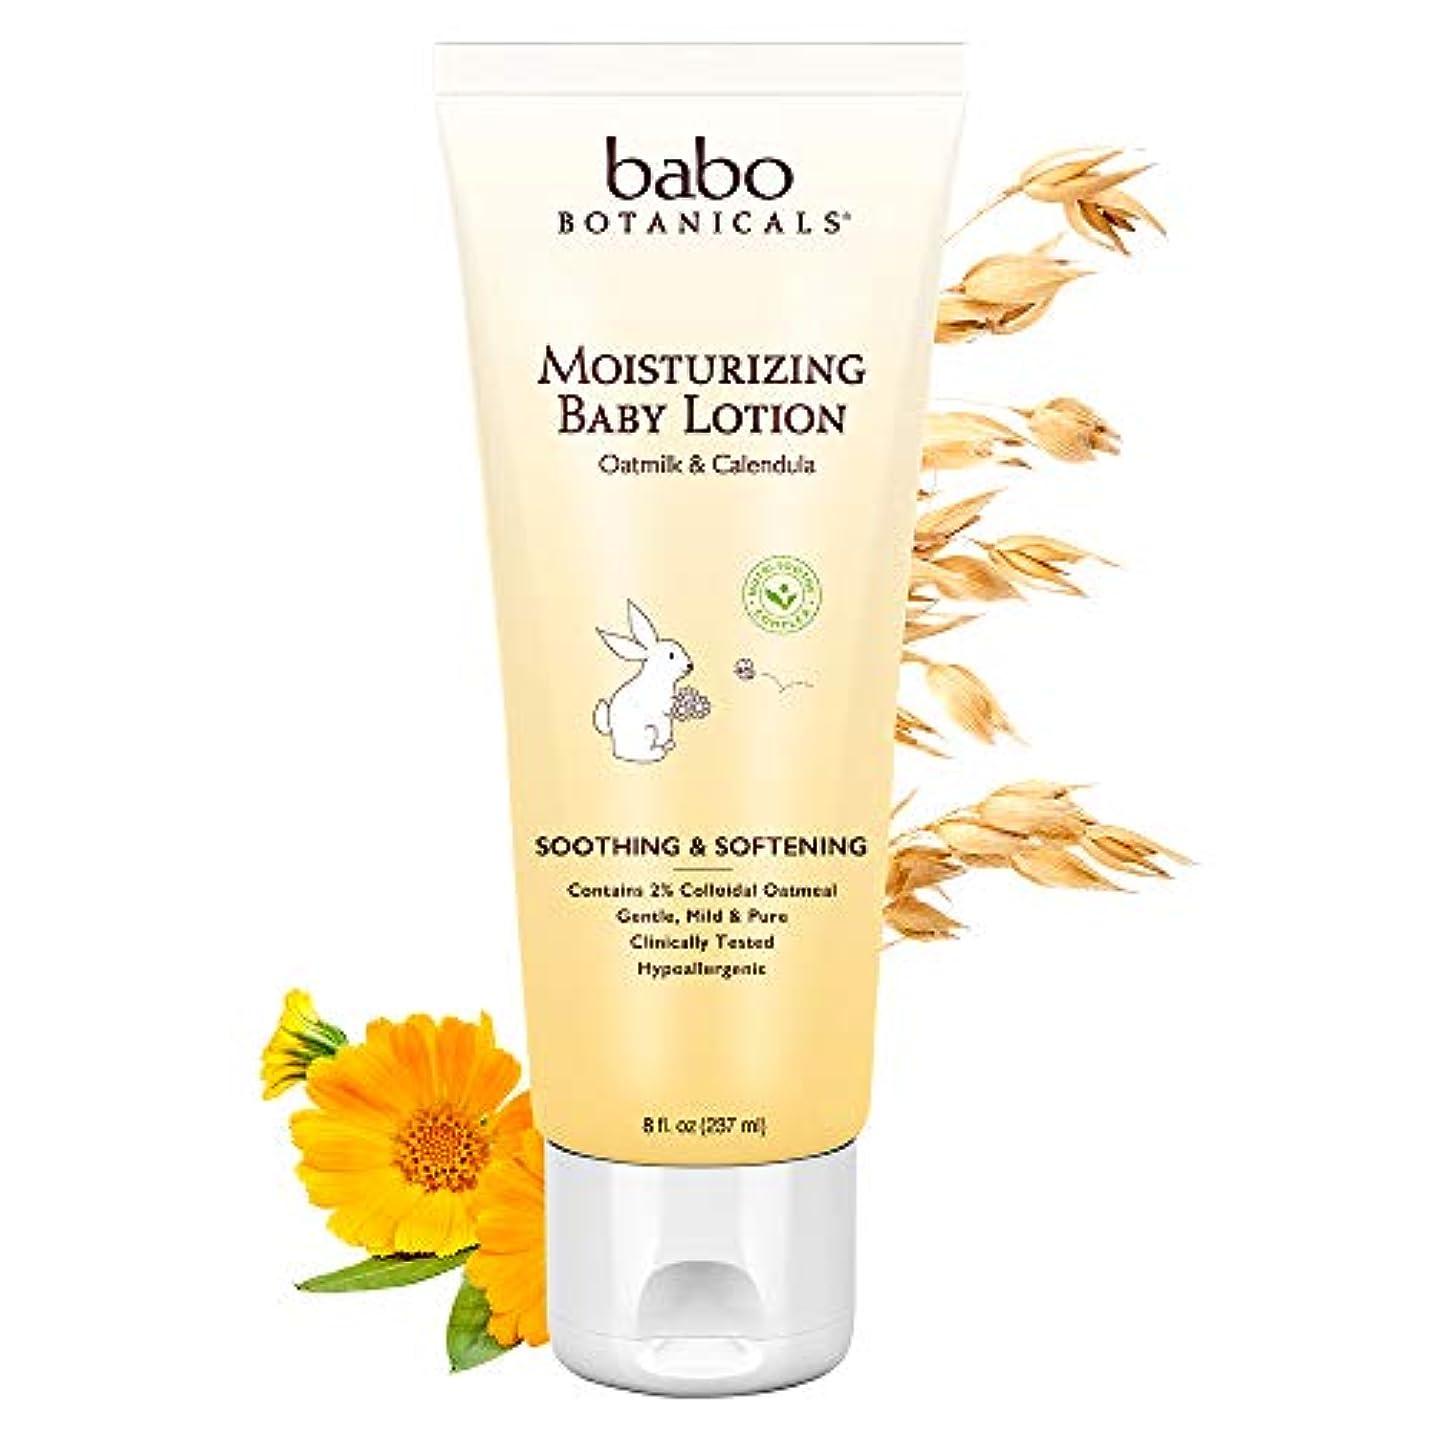 強化続けるアルコールBabo Botanicals Oatmilkカレンデュラ保湿ベビーローション、 - スージング敏感肌のためのベストのベビーローション。アトピー性皮膚炎を和らげるのに役立ちます。ナチュラルオーツとオーガニックカレンデュラ...